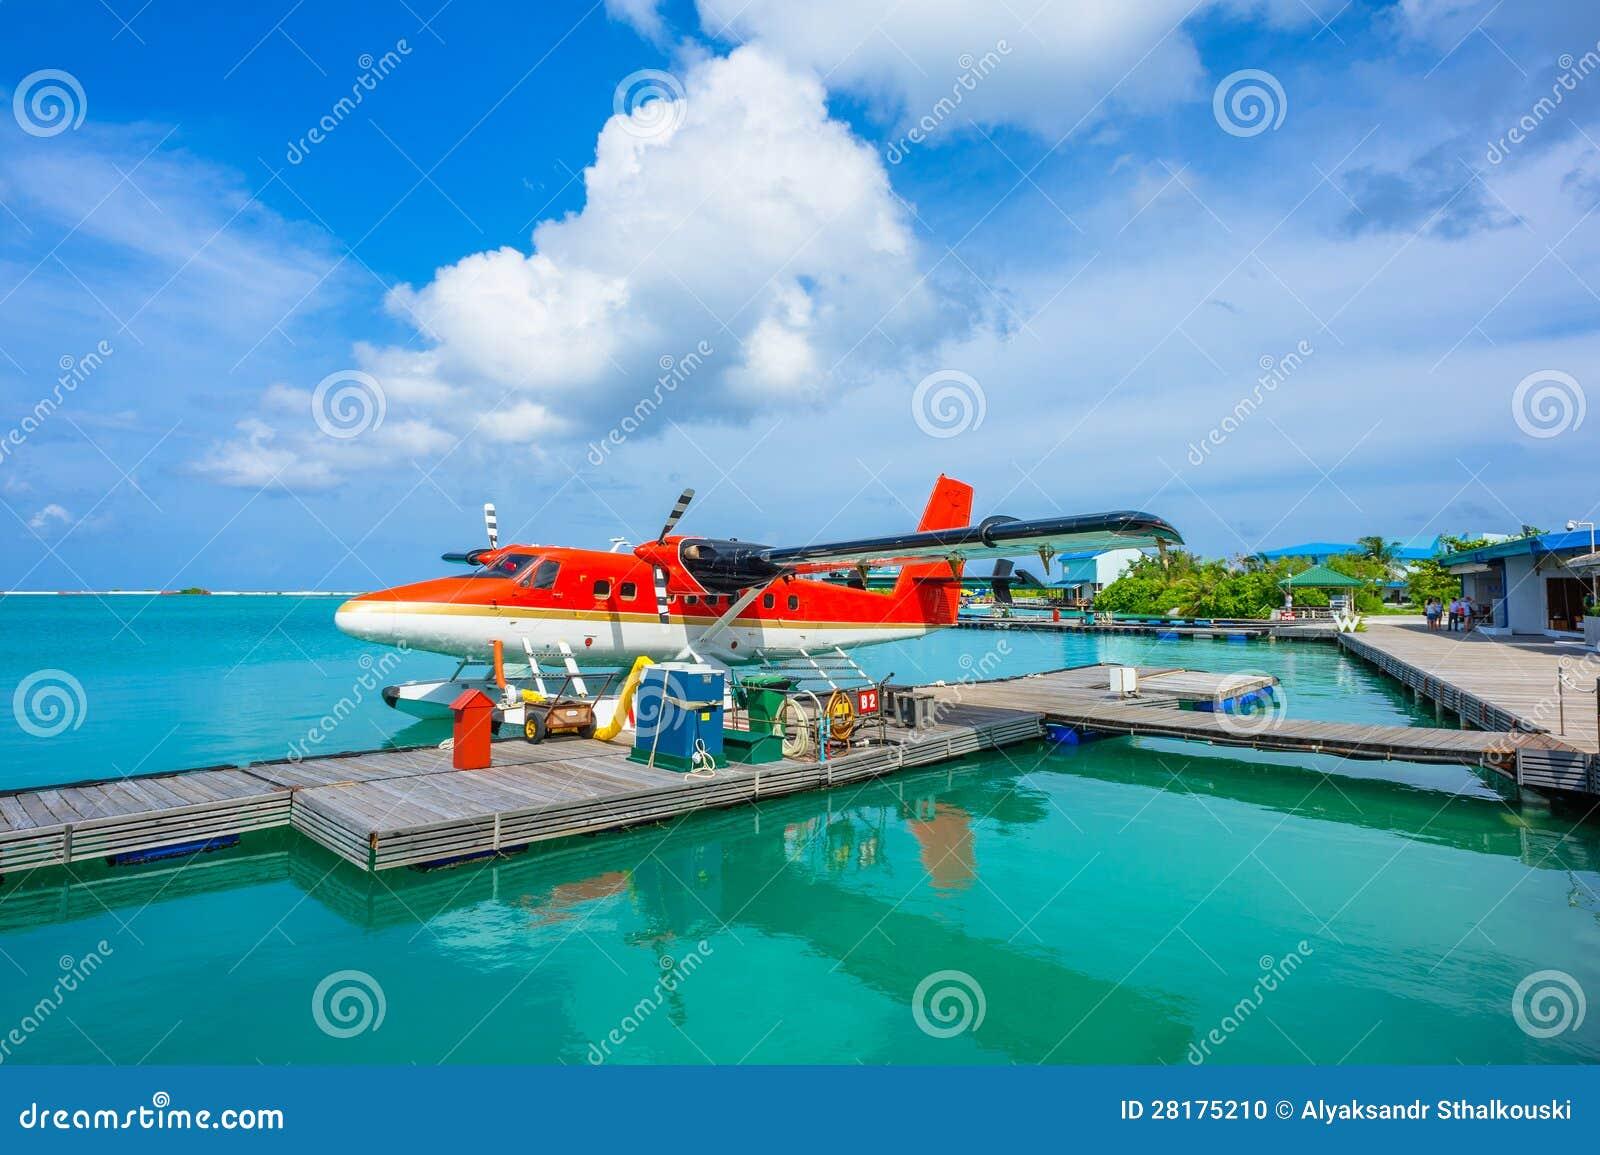 Aeroporto Male Maldive : Male maldives stock images download photos